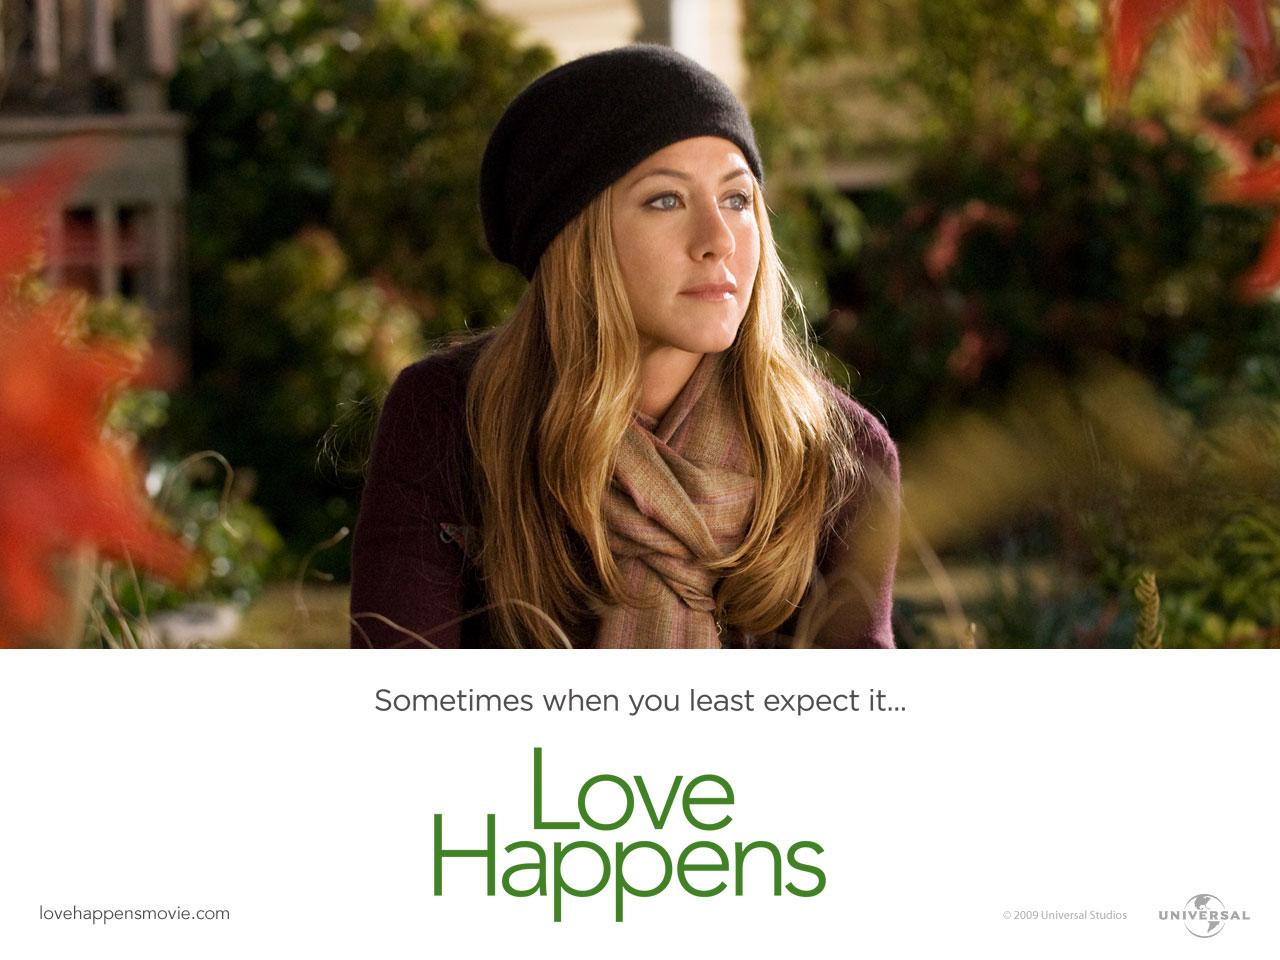 http://2.bp.blogspot.com/_fwTjfV-2UQA/TKAL0wKgnnI/AAAAAAAABlE/f2yDysUeiHs/s1600/Jennifer_Aniston_in_Love_Happens_Wallpaper_5_800.jpg